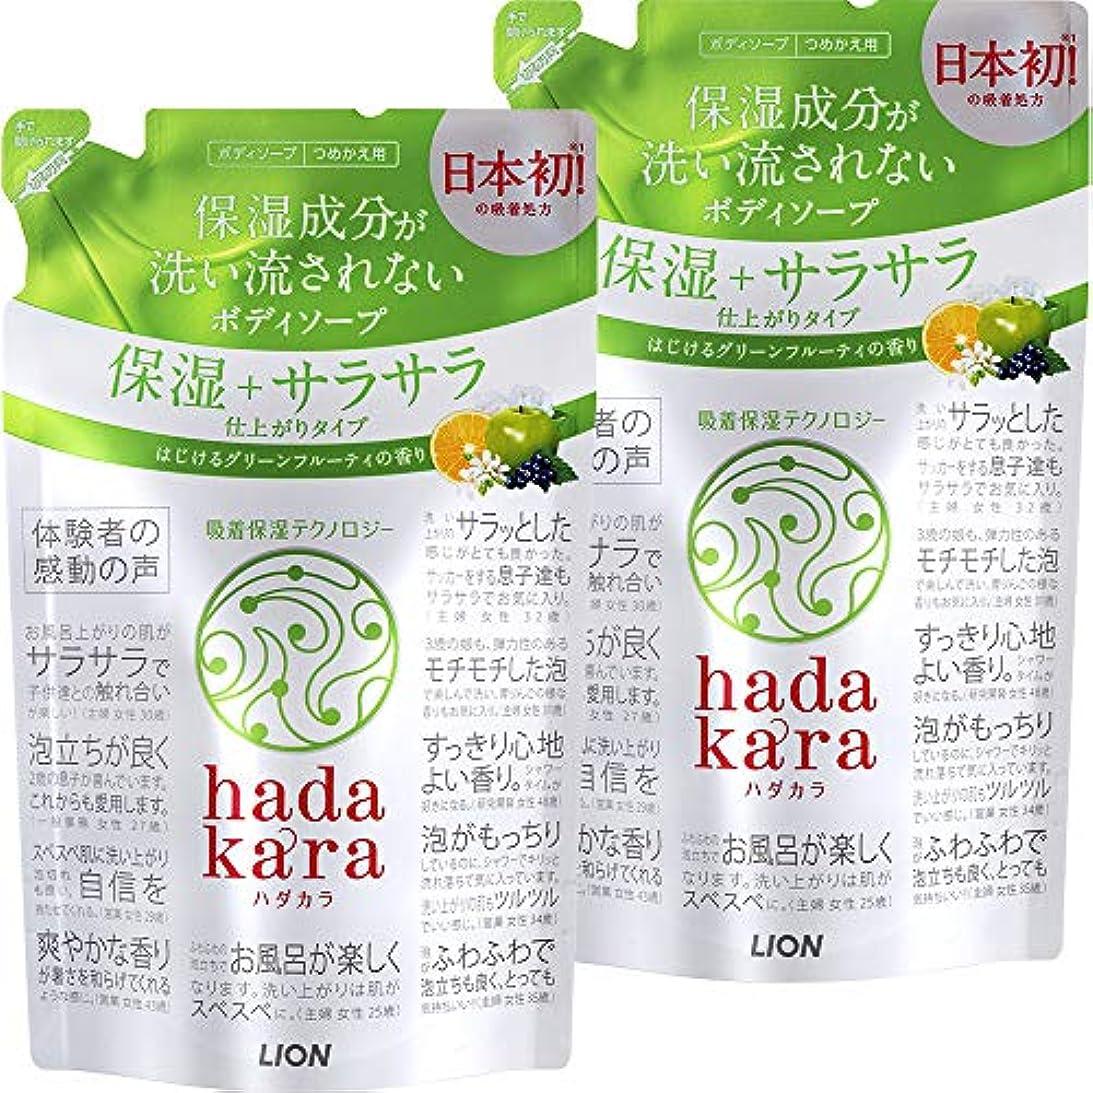 おもてなしかなりの連隊【まとめ買い】hadakara(ハダカラ) ボディソープ 保湿+サラサラ仕上がりタイプ グリーンフルーティの香り 詰め替え 340ml×2個パック